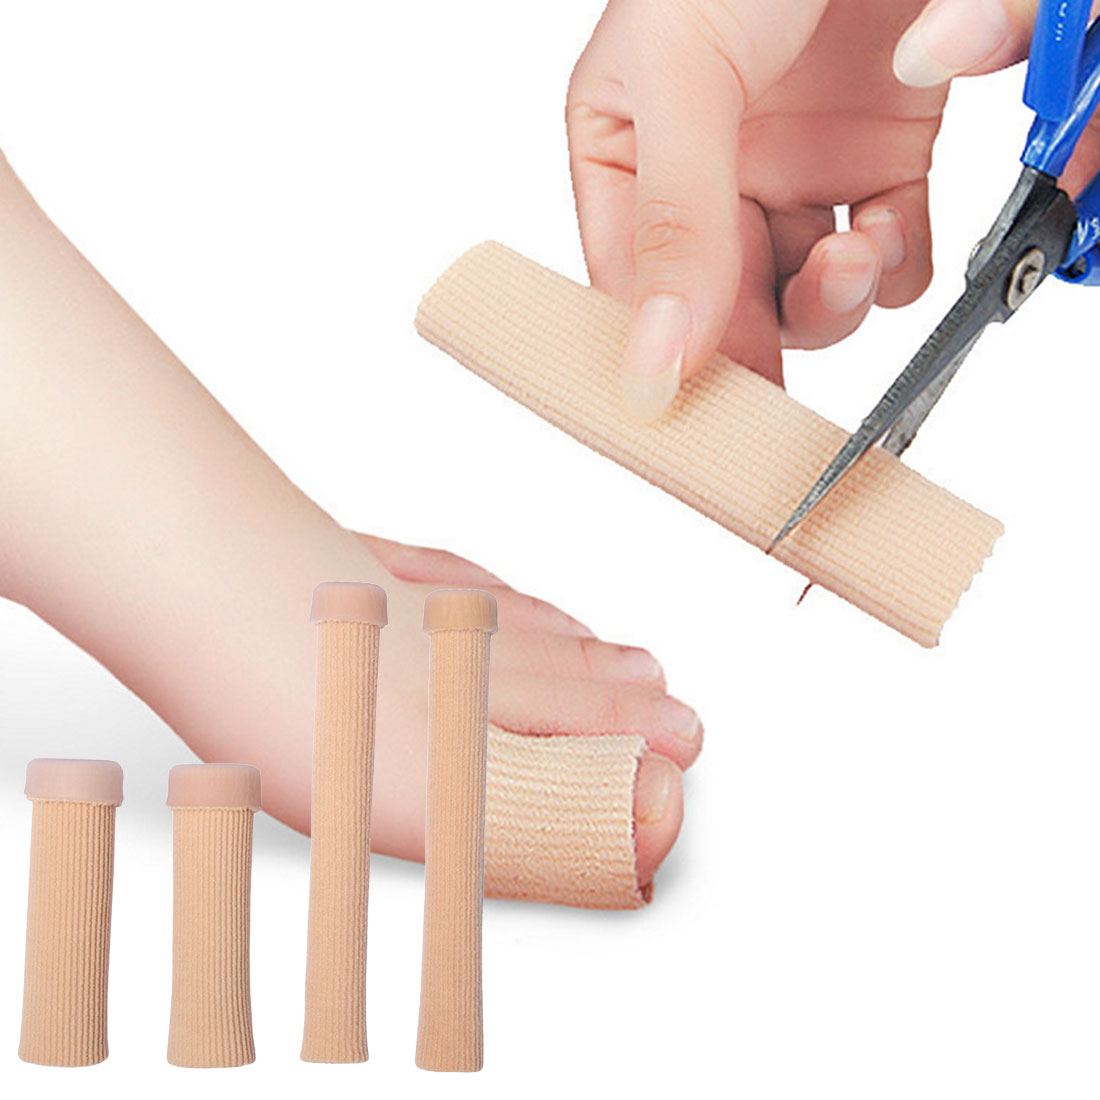 Gel de tela venda tipo tubo protectores de dedos y dedos del pie protector de alivio de dolor de pies para dedos plantillas de cuidado de pies 1 Uds 15cm 10cm